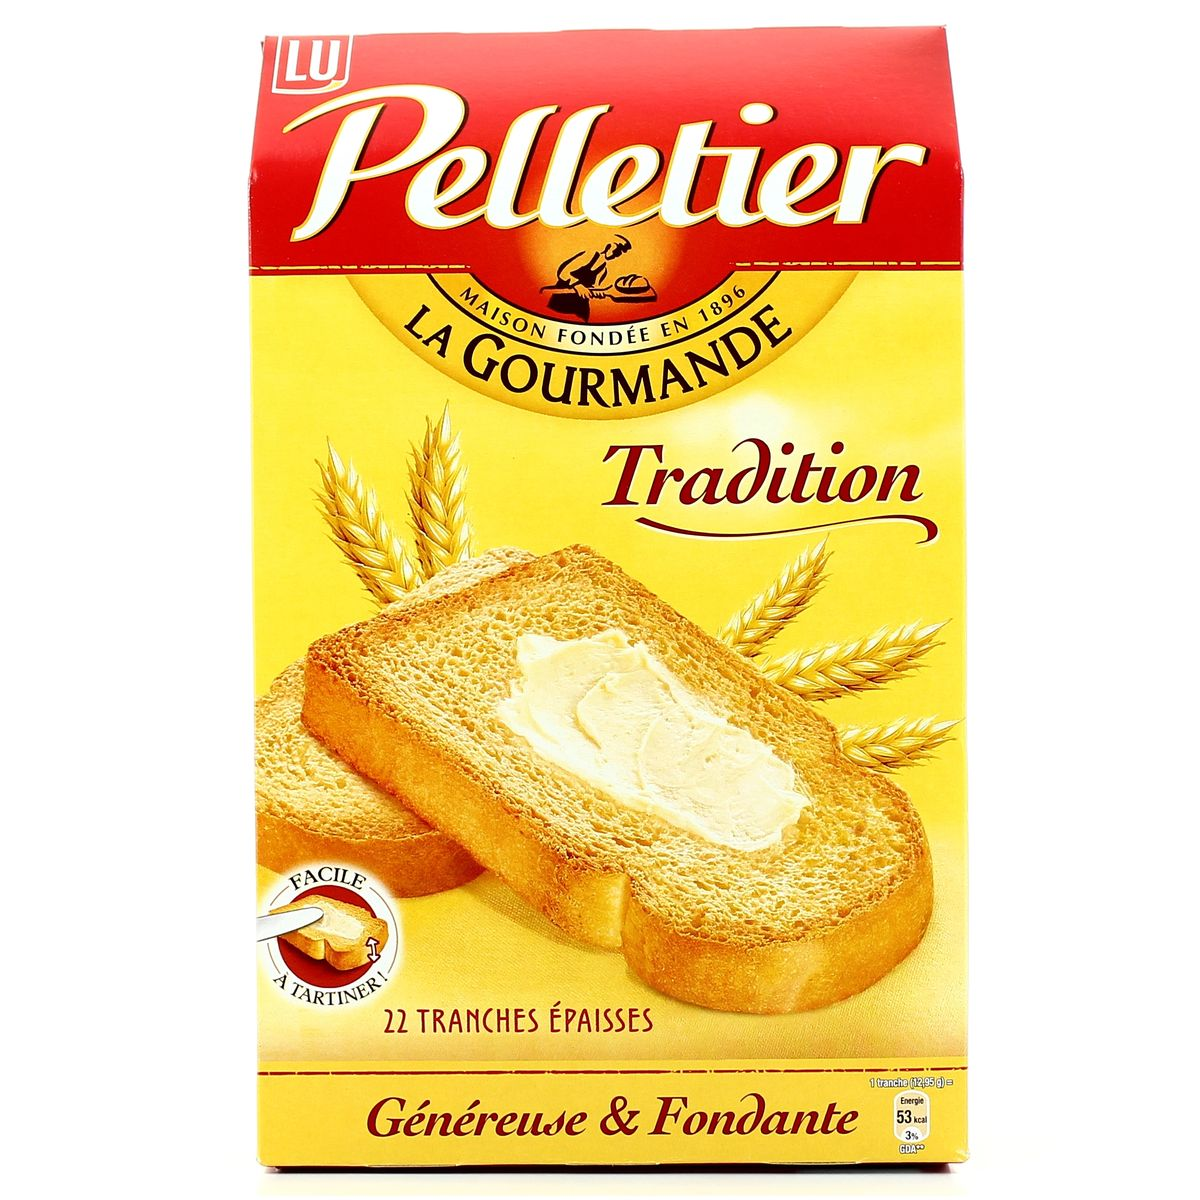 Biscottes gourmandes, Pelletier (285 g)